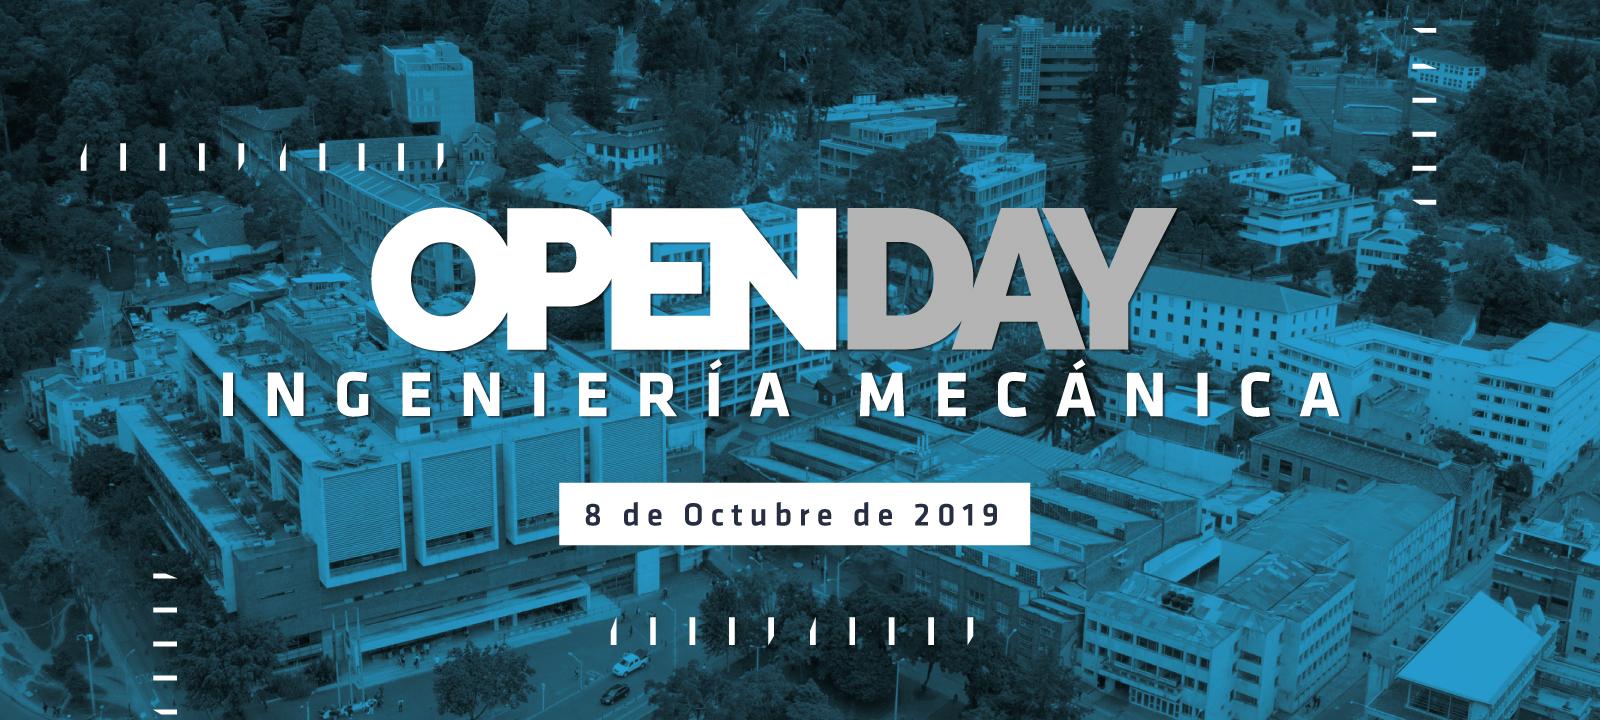 Invitación para el Open Day organizado por el Departamento de Ingeniería Mecánica